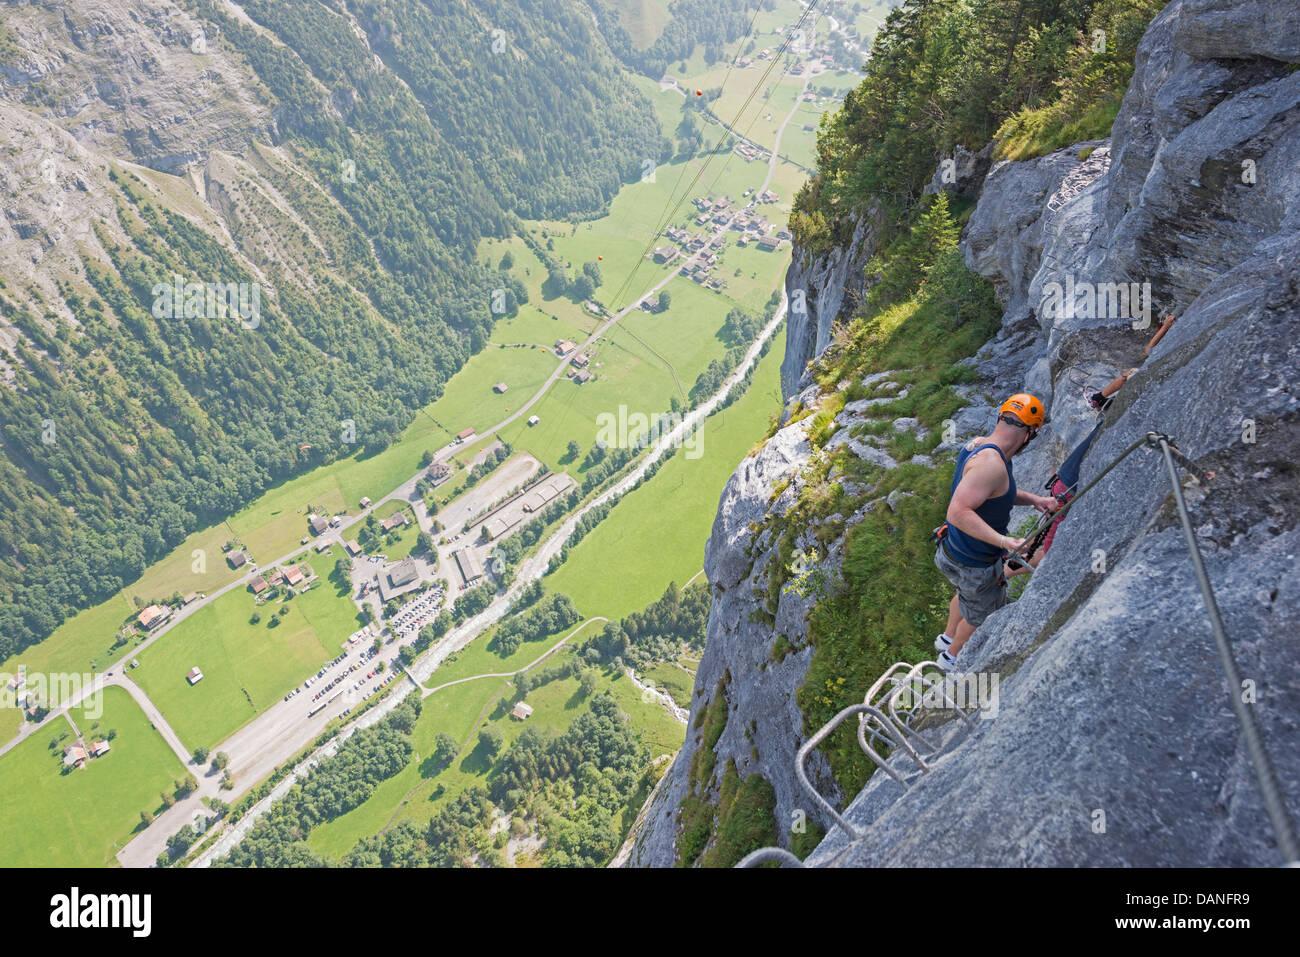 Klettersteig Bern : Bergfex rotstock klette klettersteig tour berner oberland